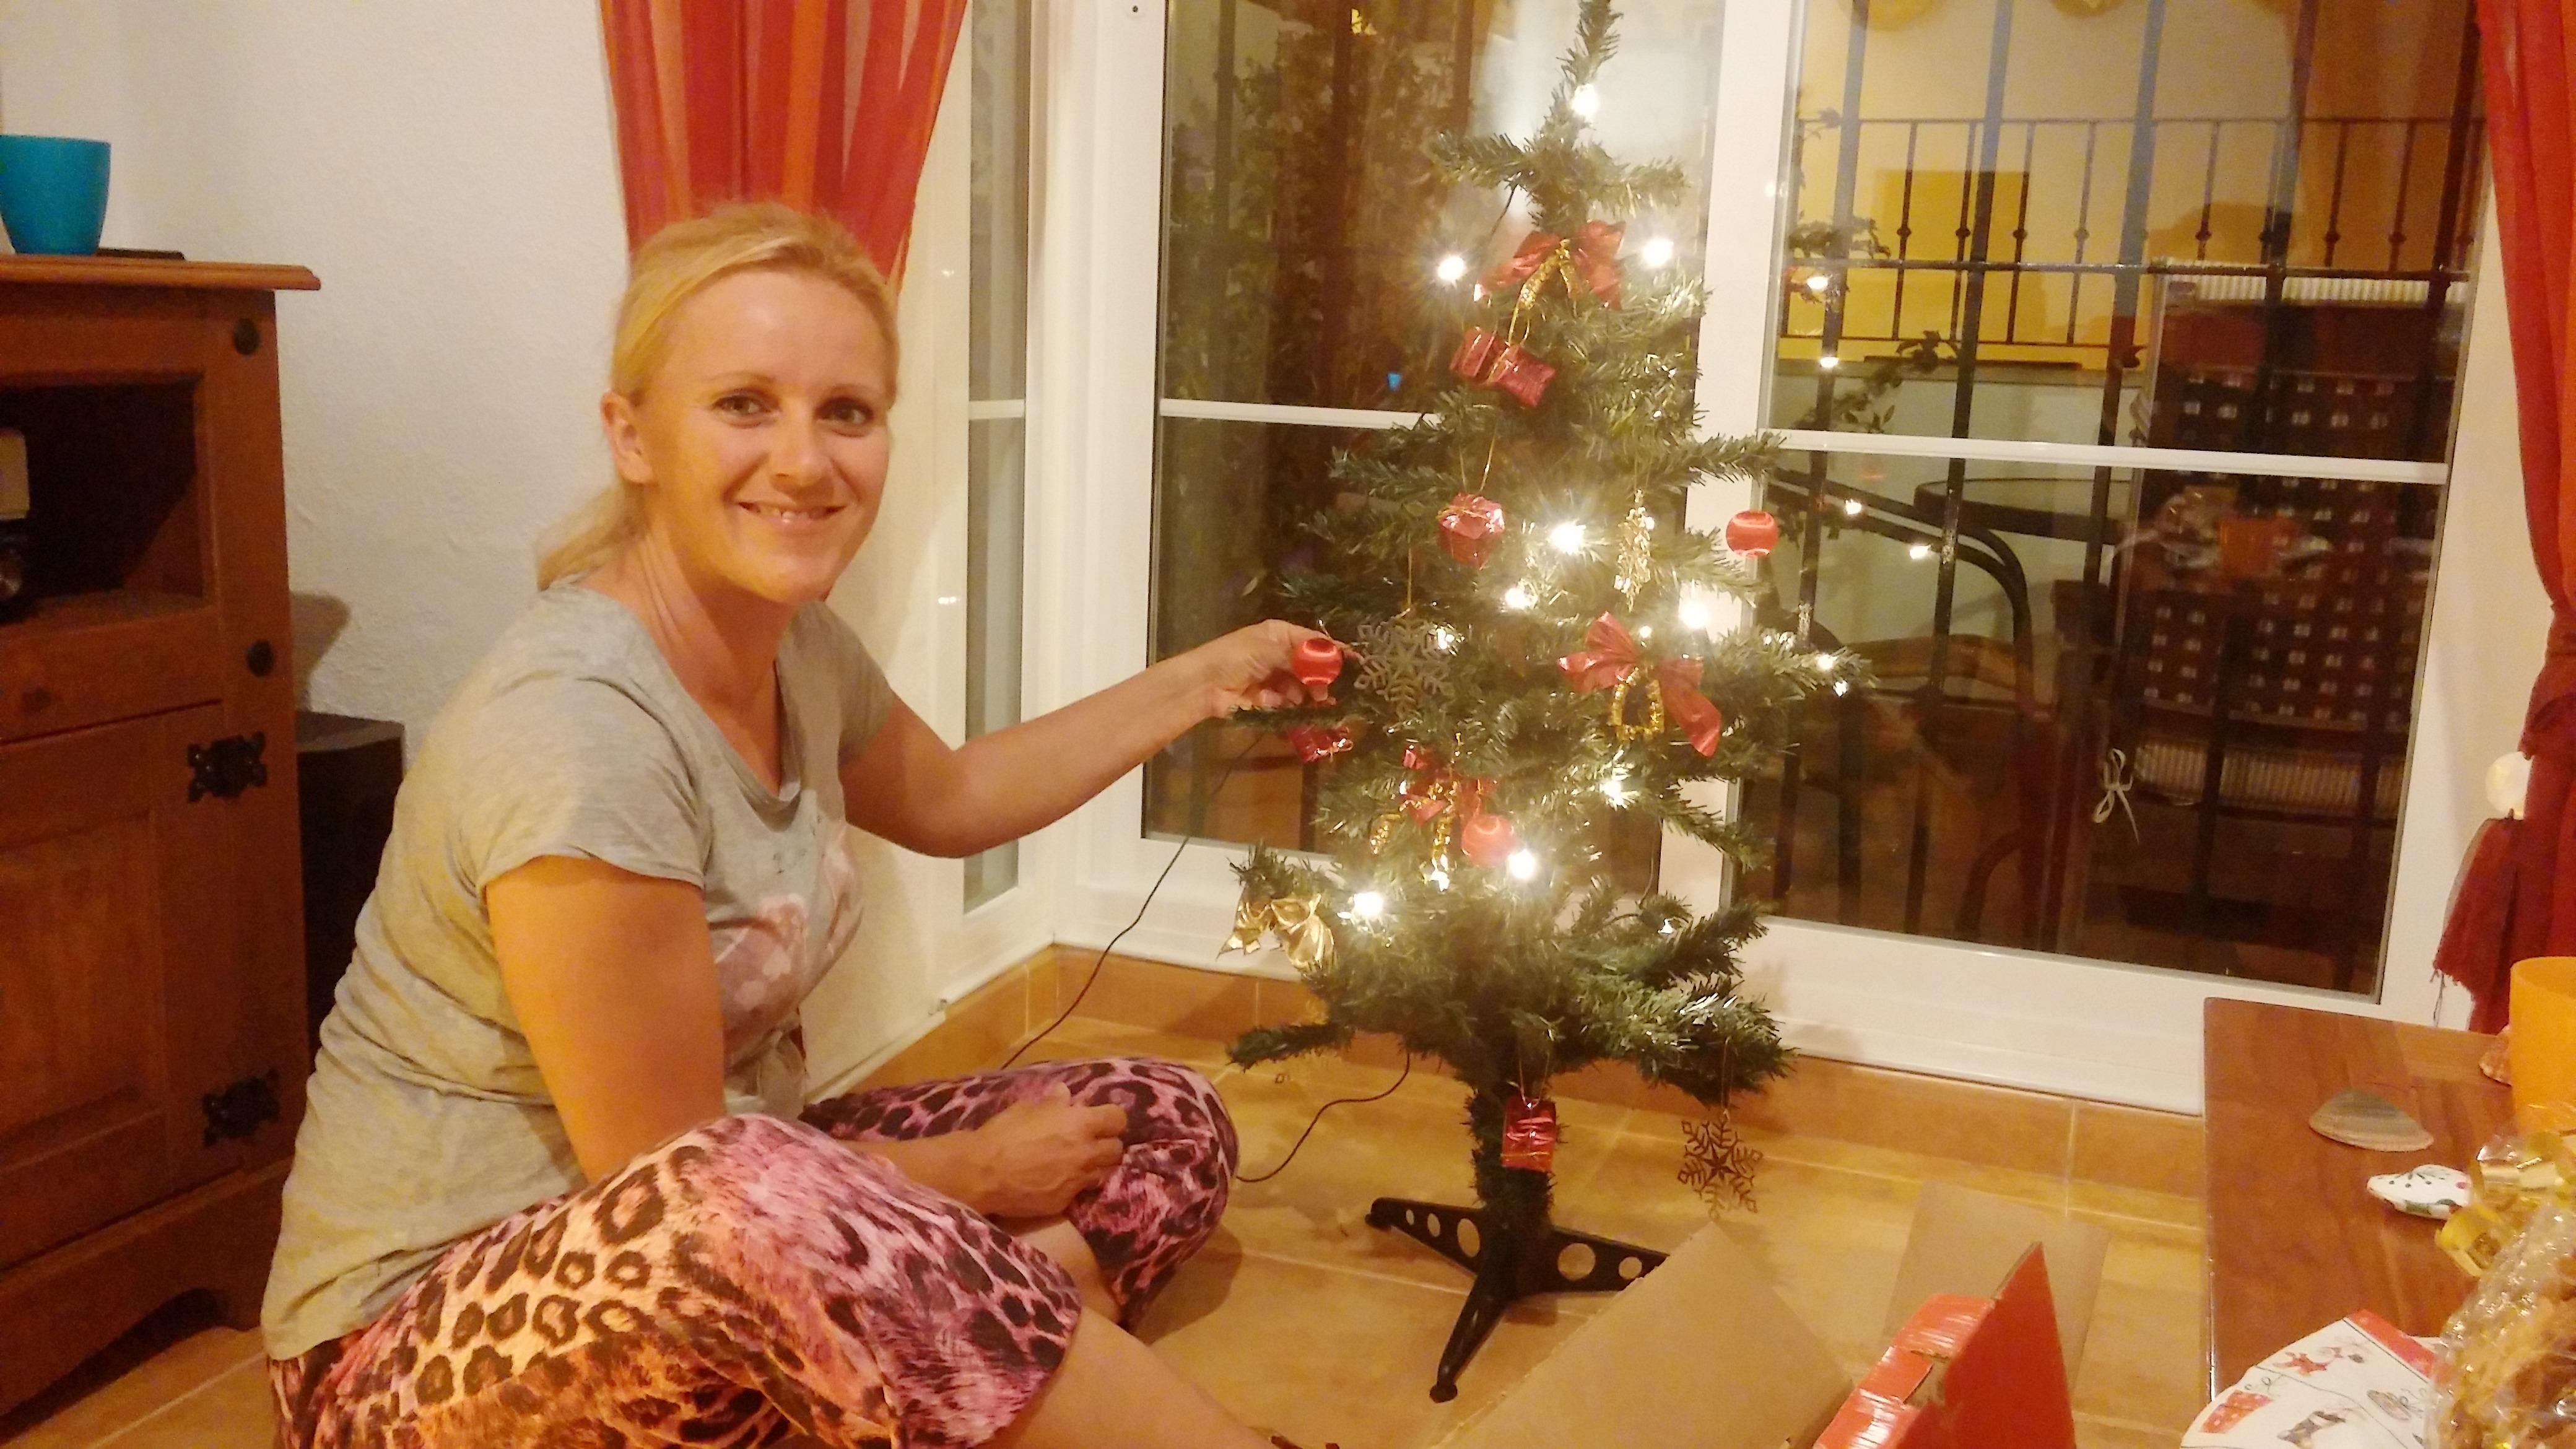 Wenigstens ein kleiner kitschiger Weihnachtsbaum dieses Jahr